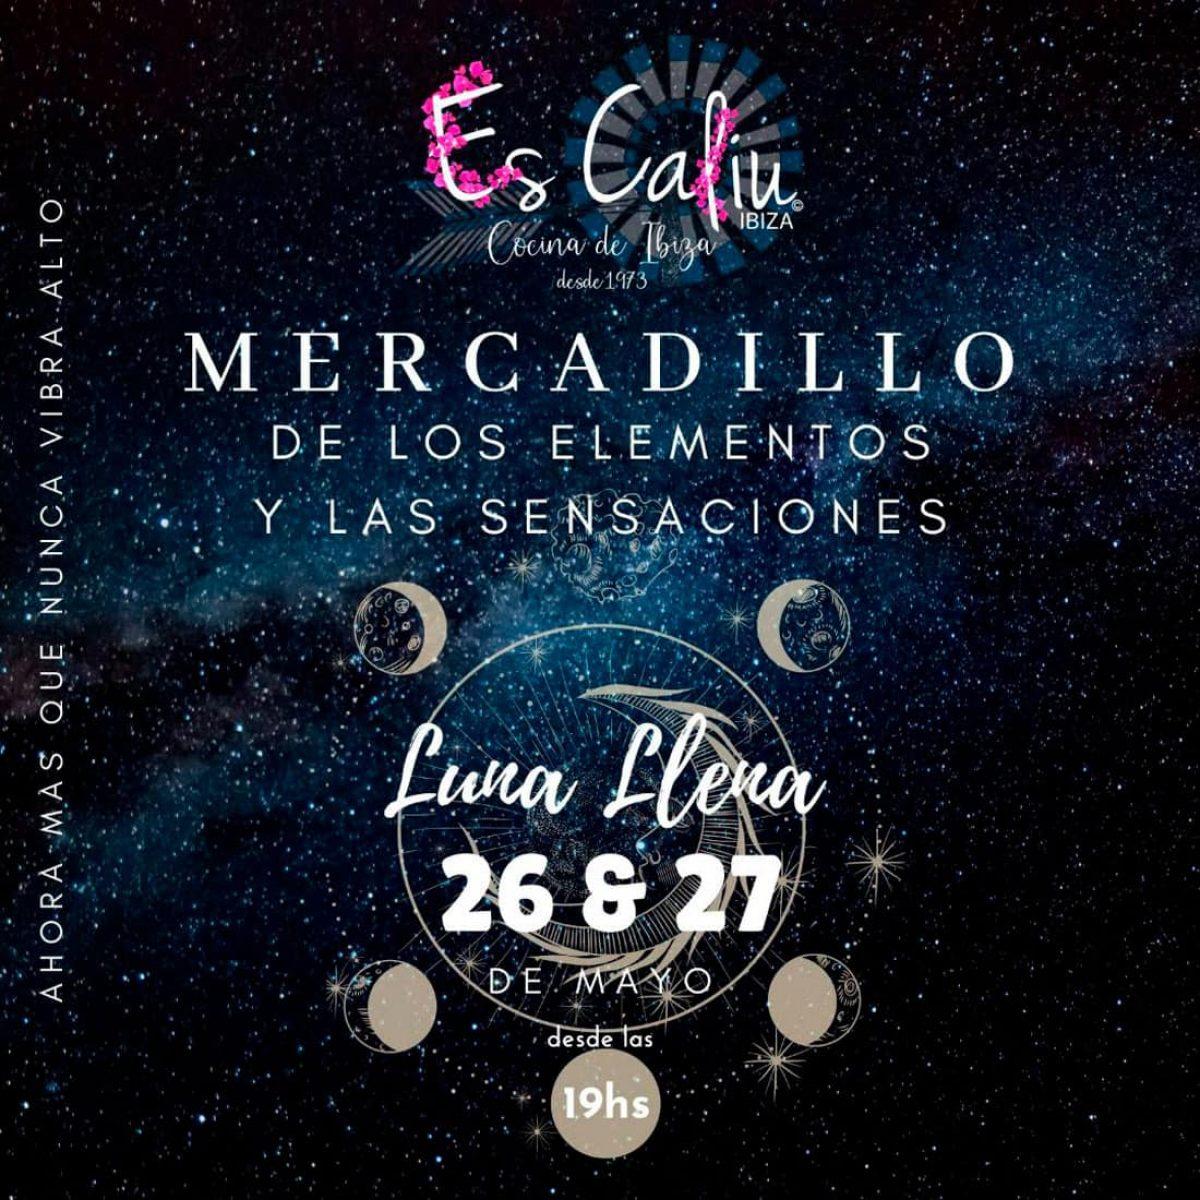 restaurant-és-caliu-Eivissa-mercat-elements-2021-welcometoibiza